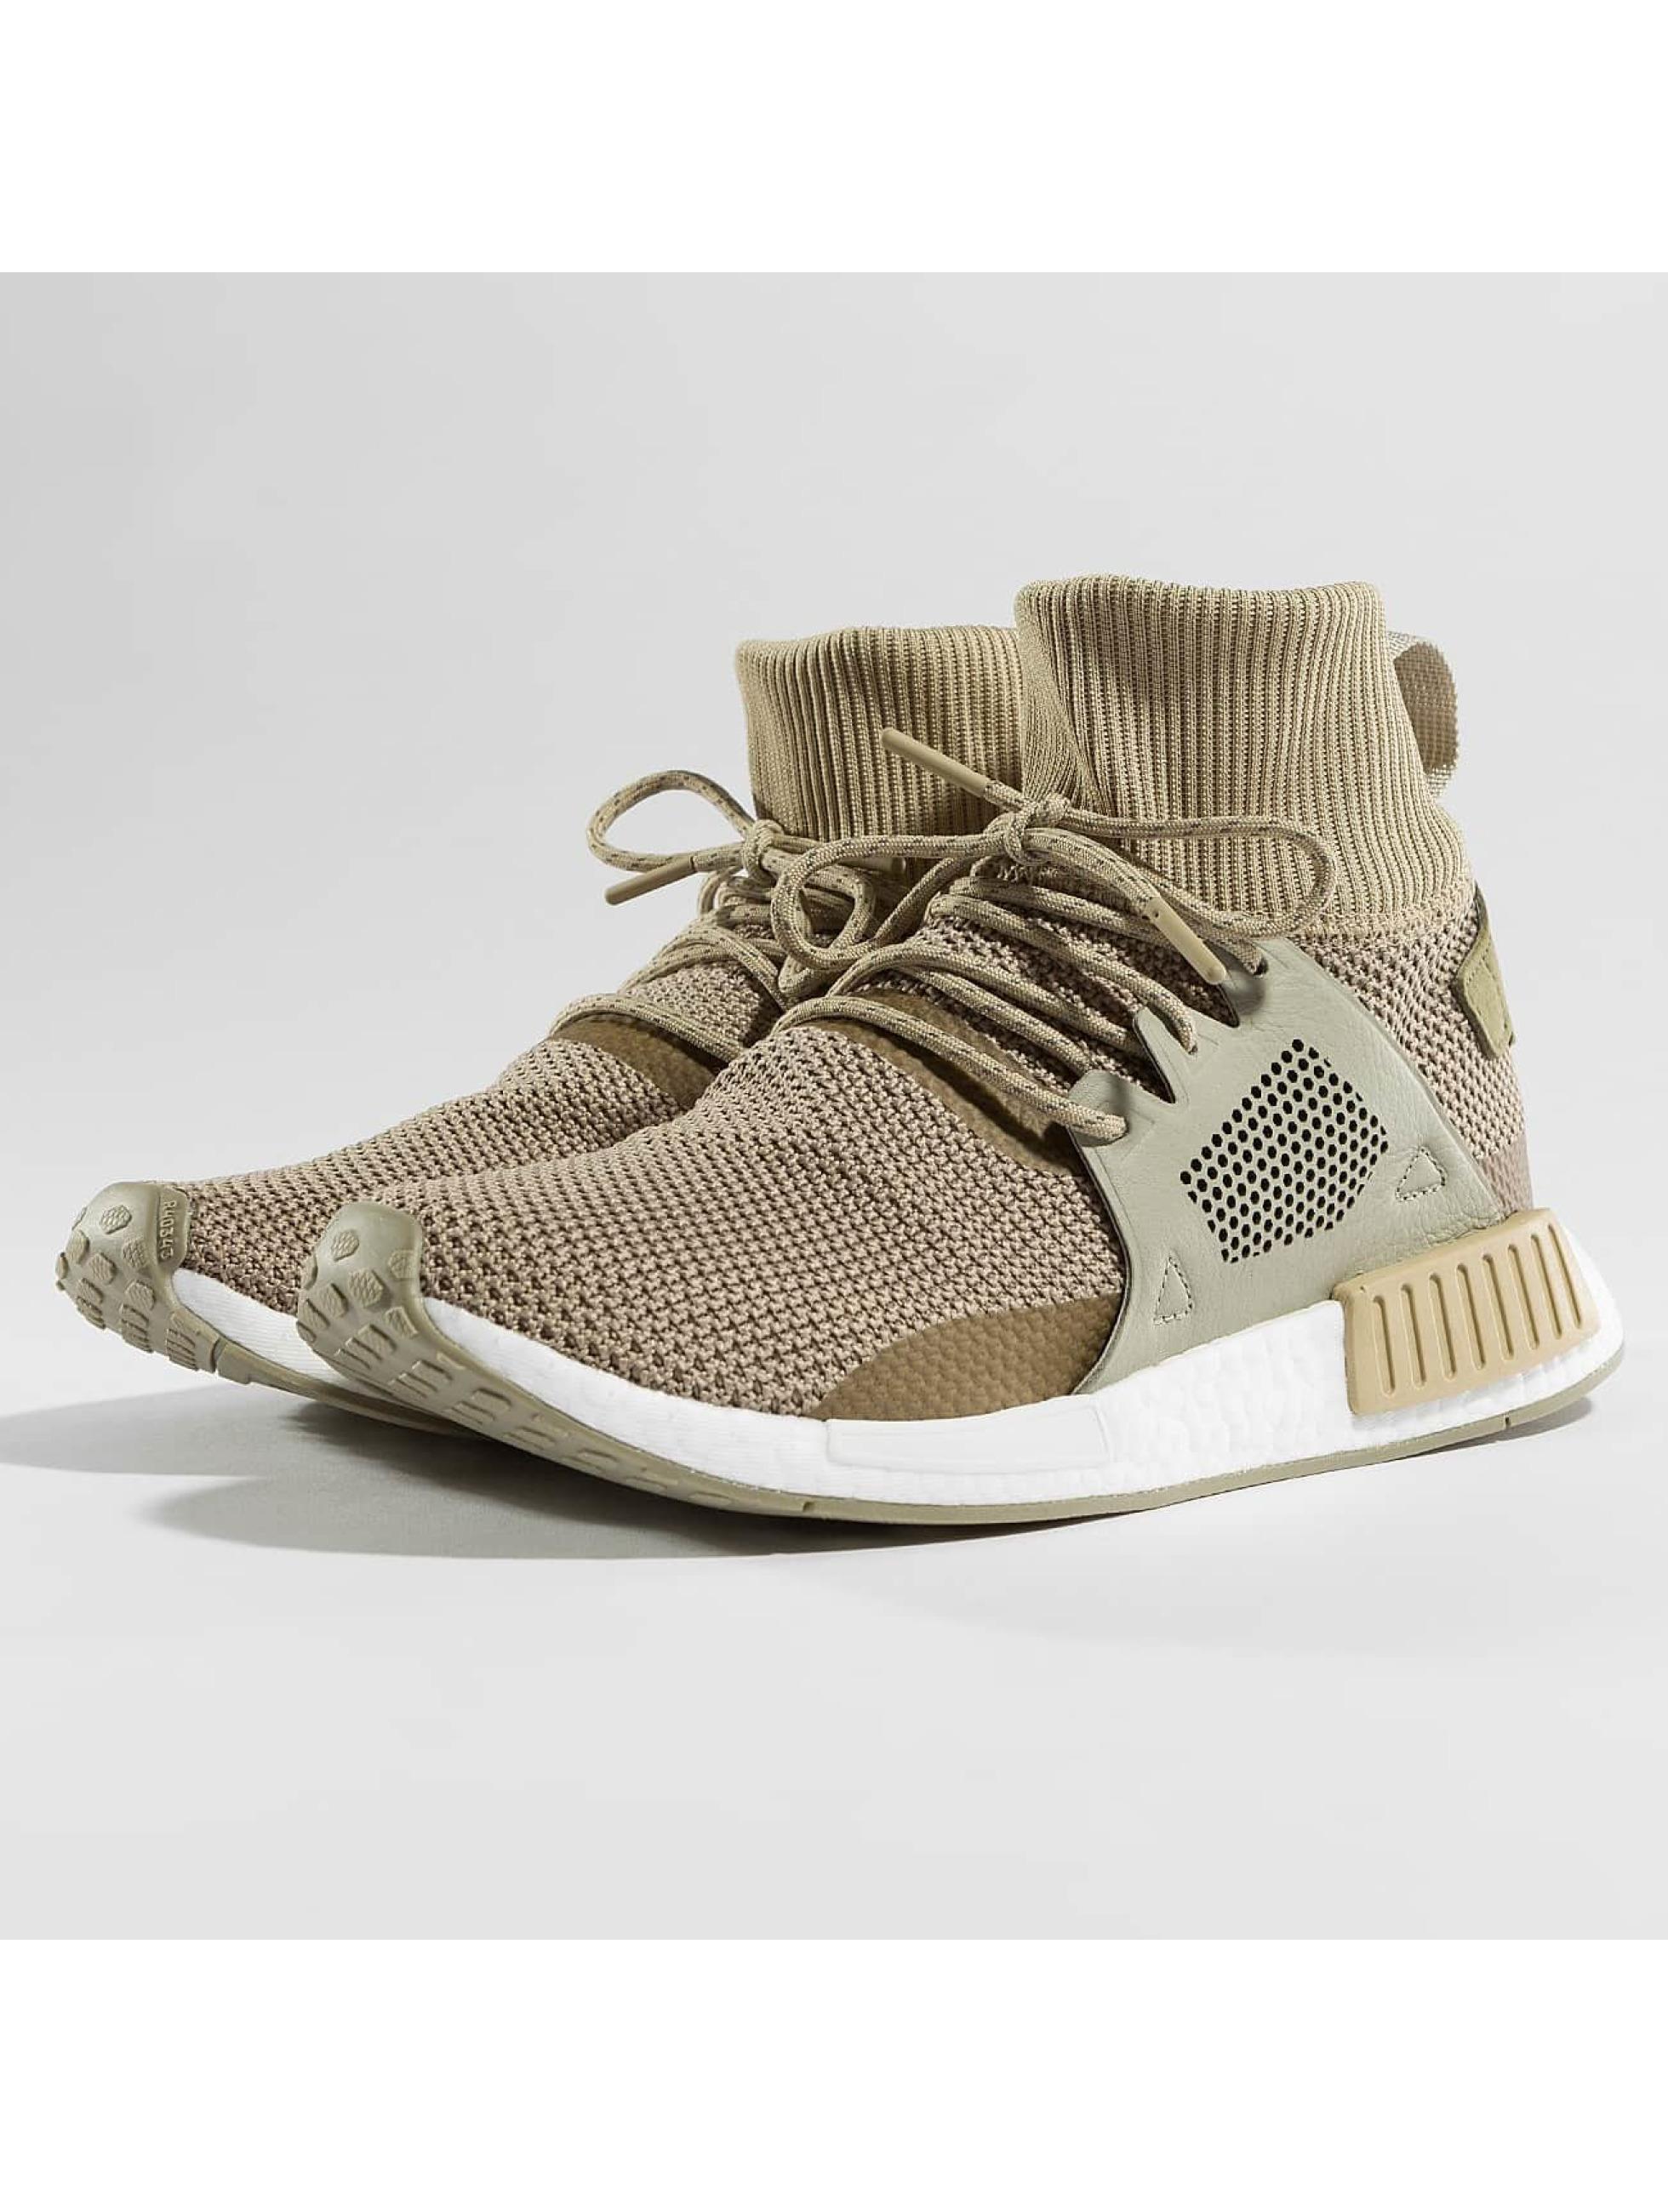 L'hiver Adidas - Chaussures De Sport Pour Les Hommes - Vert fCrYDM5d